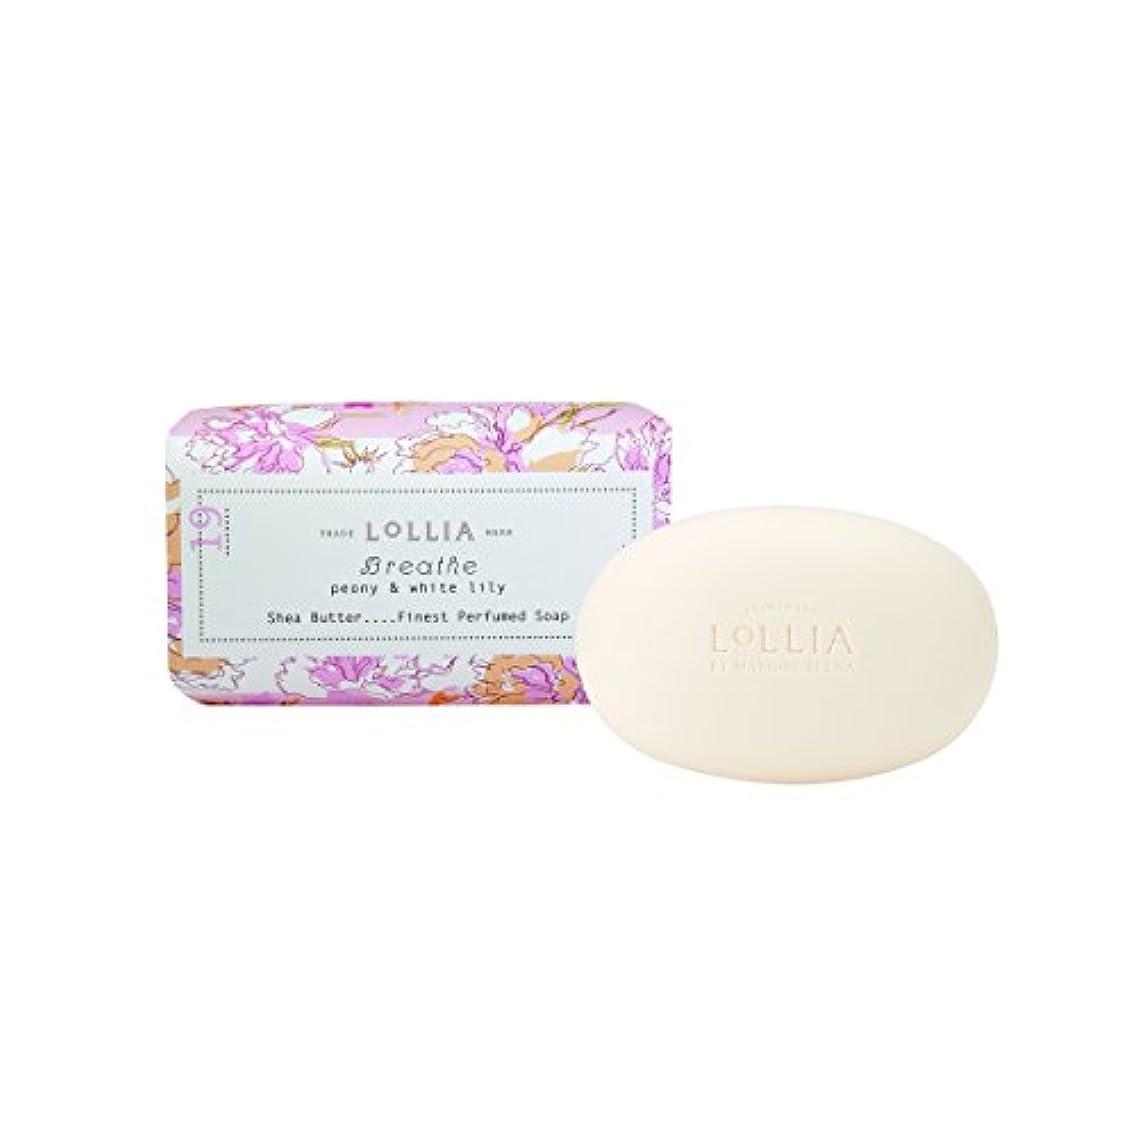 調整する設計図気質ロリア(LoLLIA) フレグランスソープ140g Breath(化粧石けん 全身用洗浄料 ピオニーとホワイトリリーの甘くさわやかな香り)